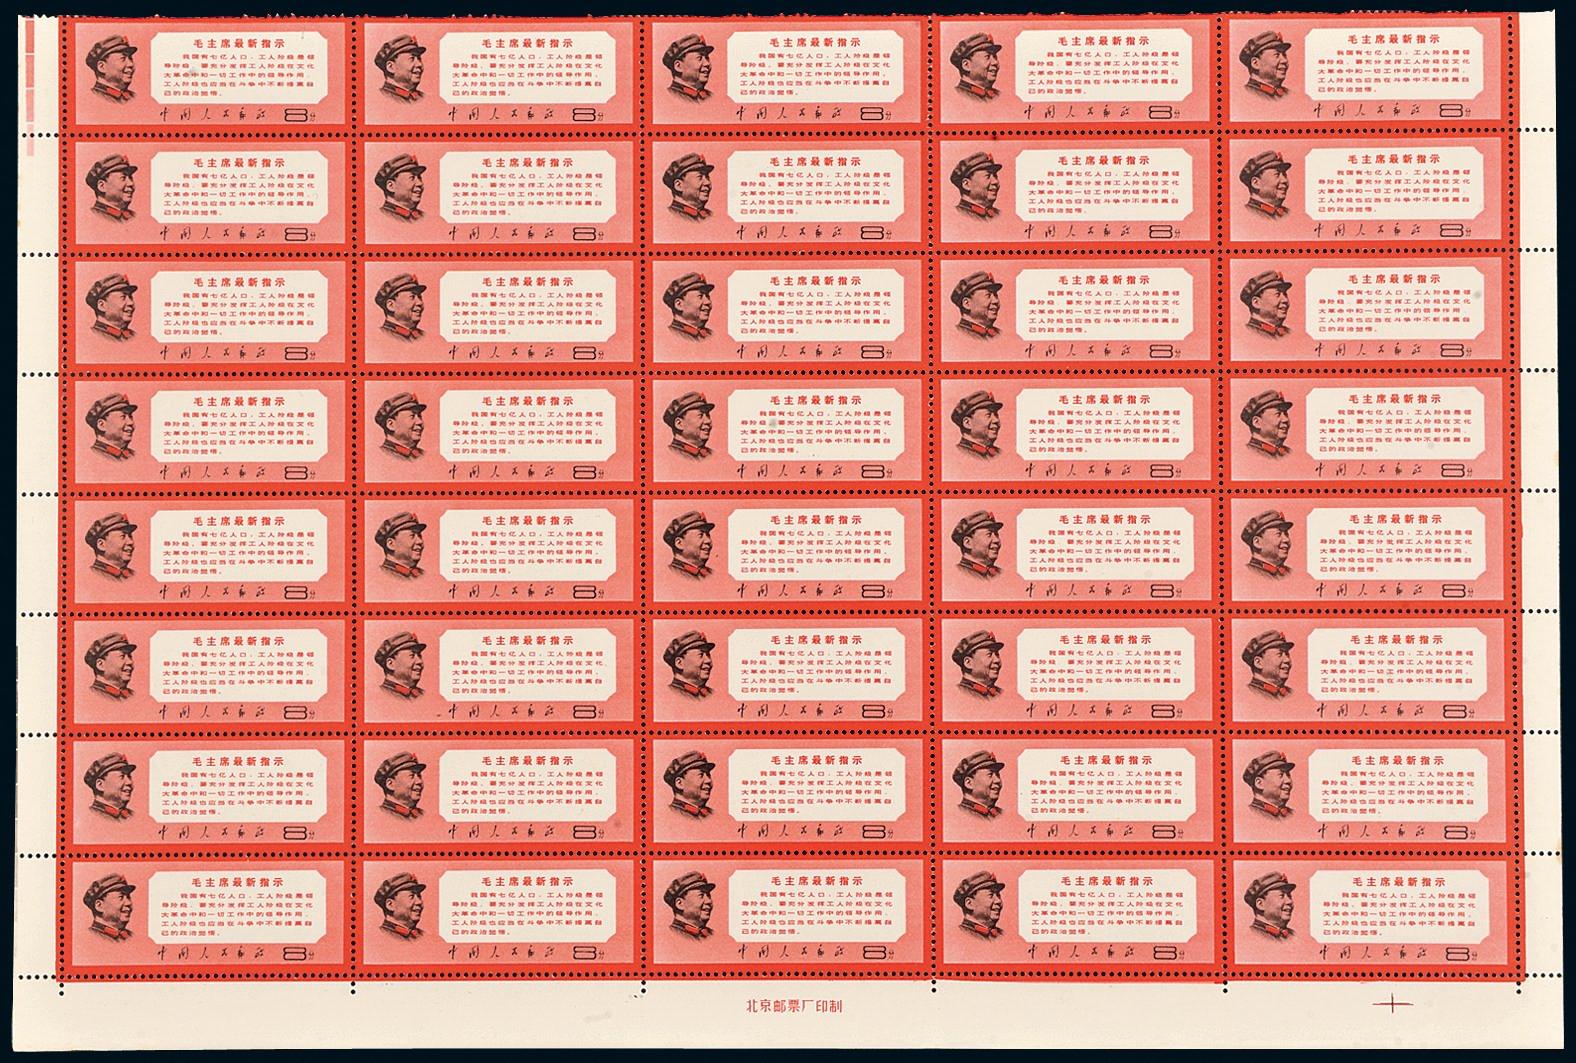 文13毛主席最新指示邮票四十方连